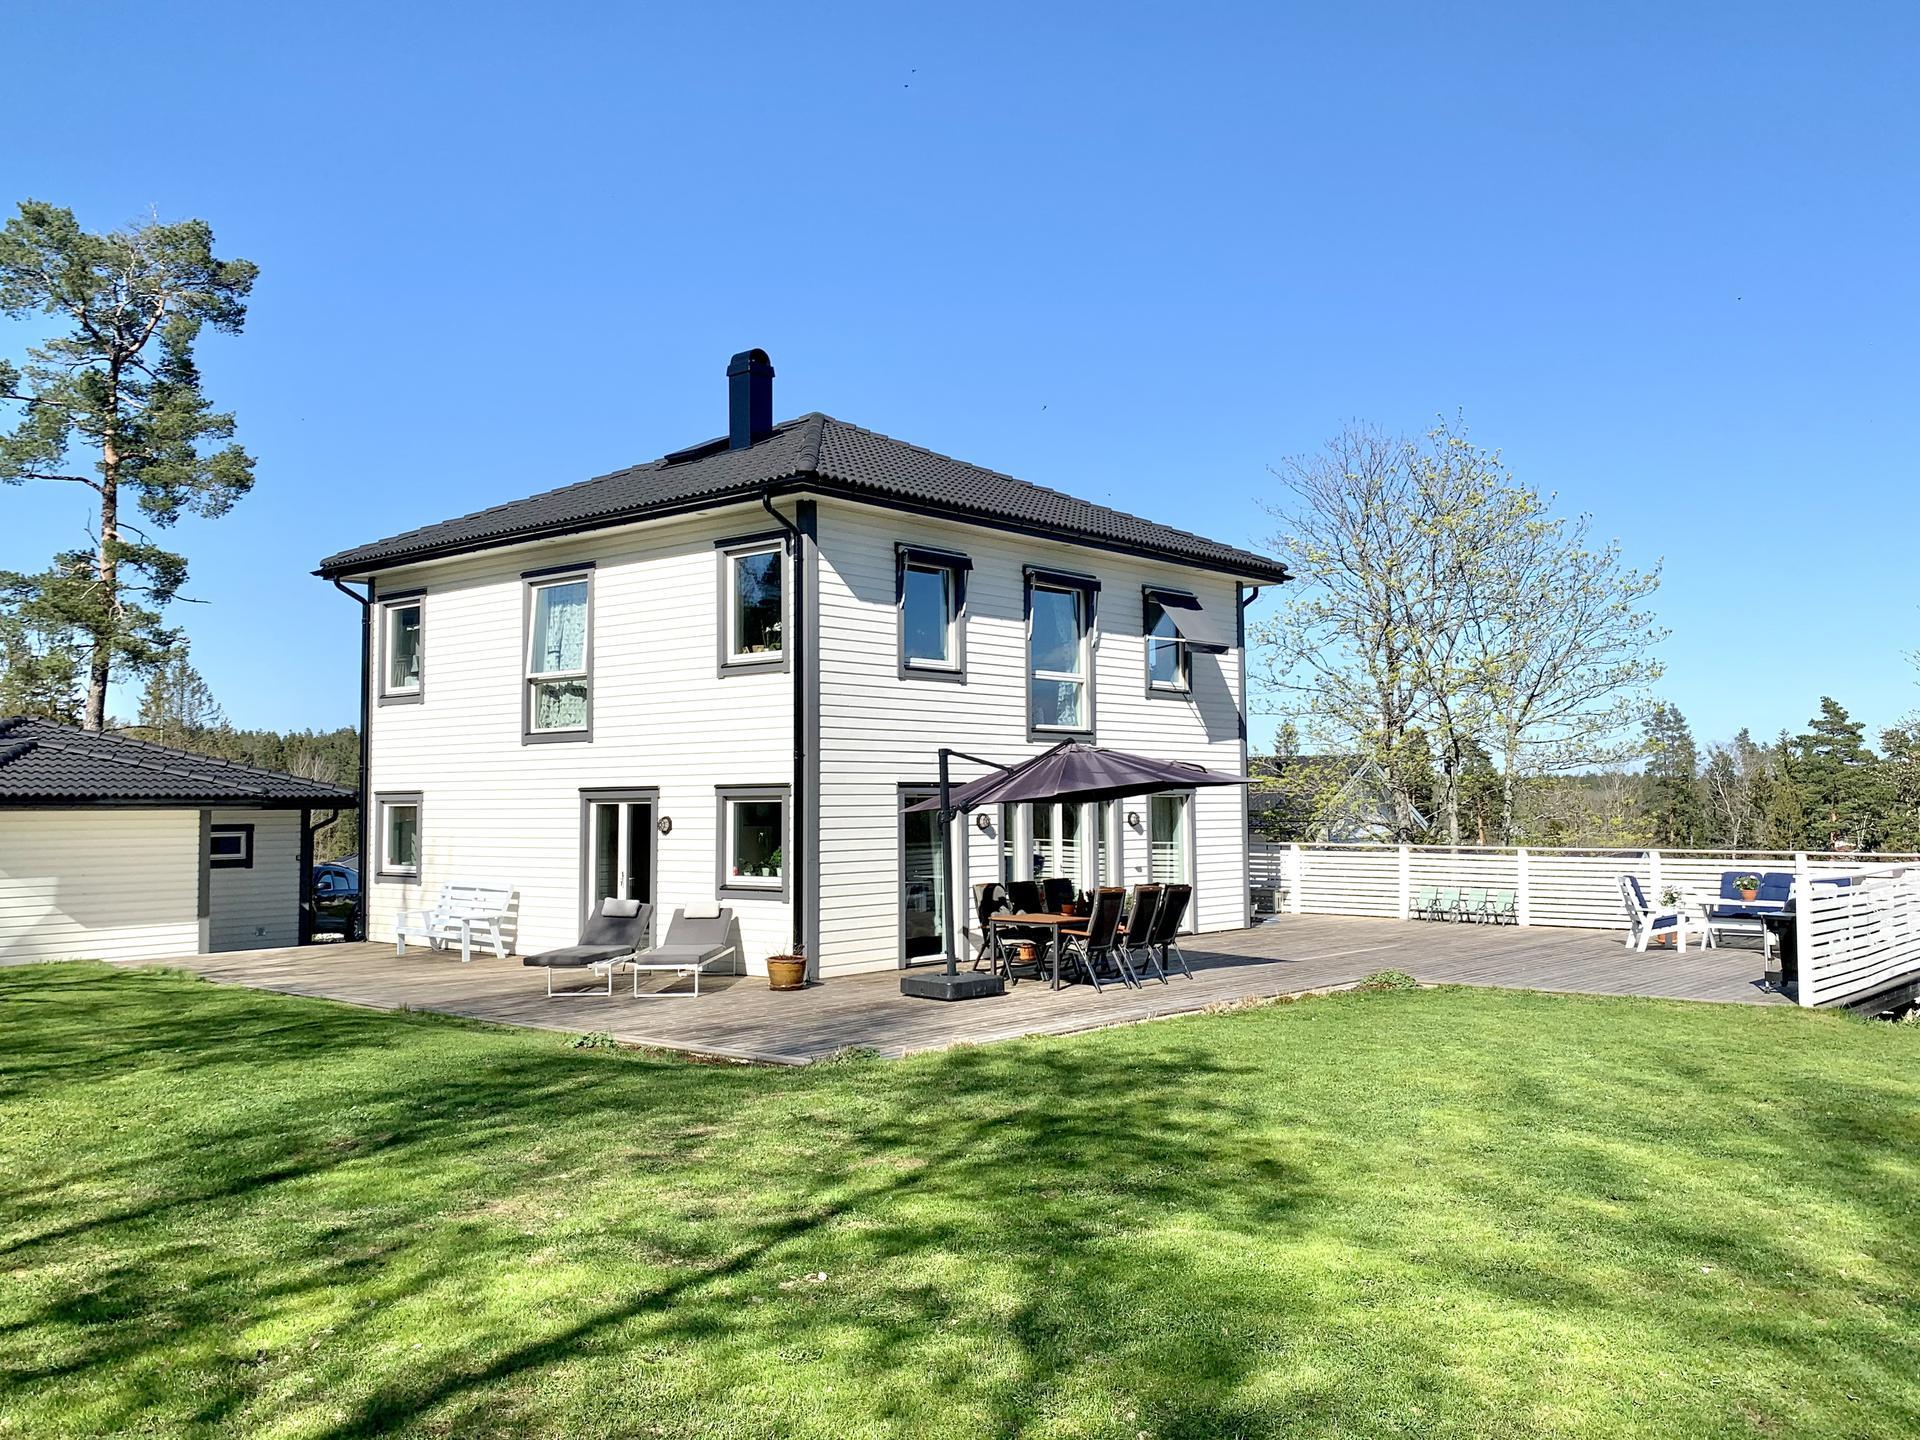 Underbart hus, fantastiskt läge och generös tomt!